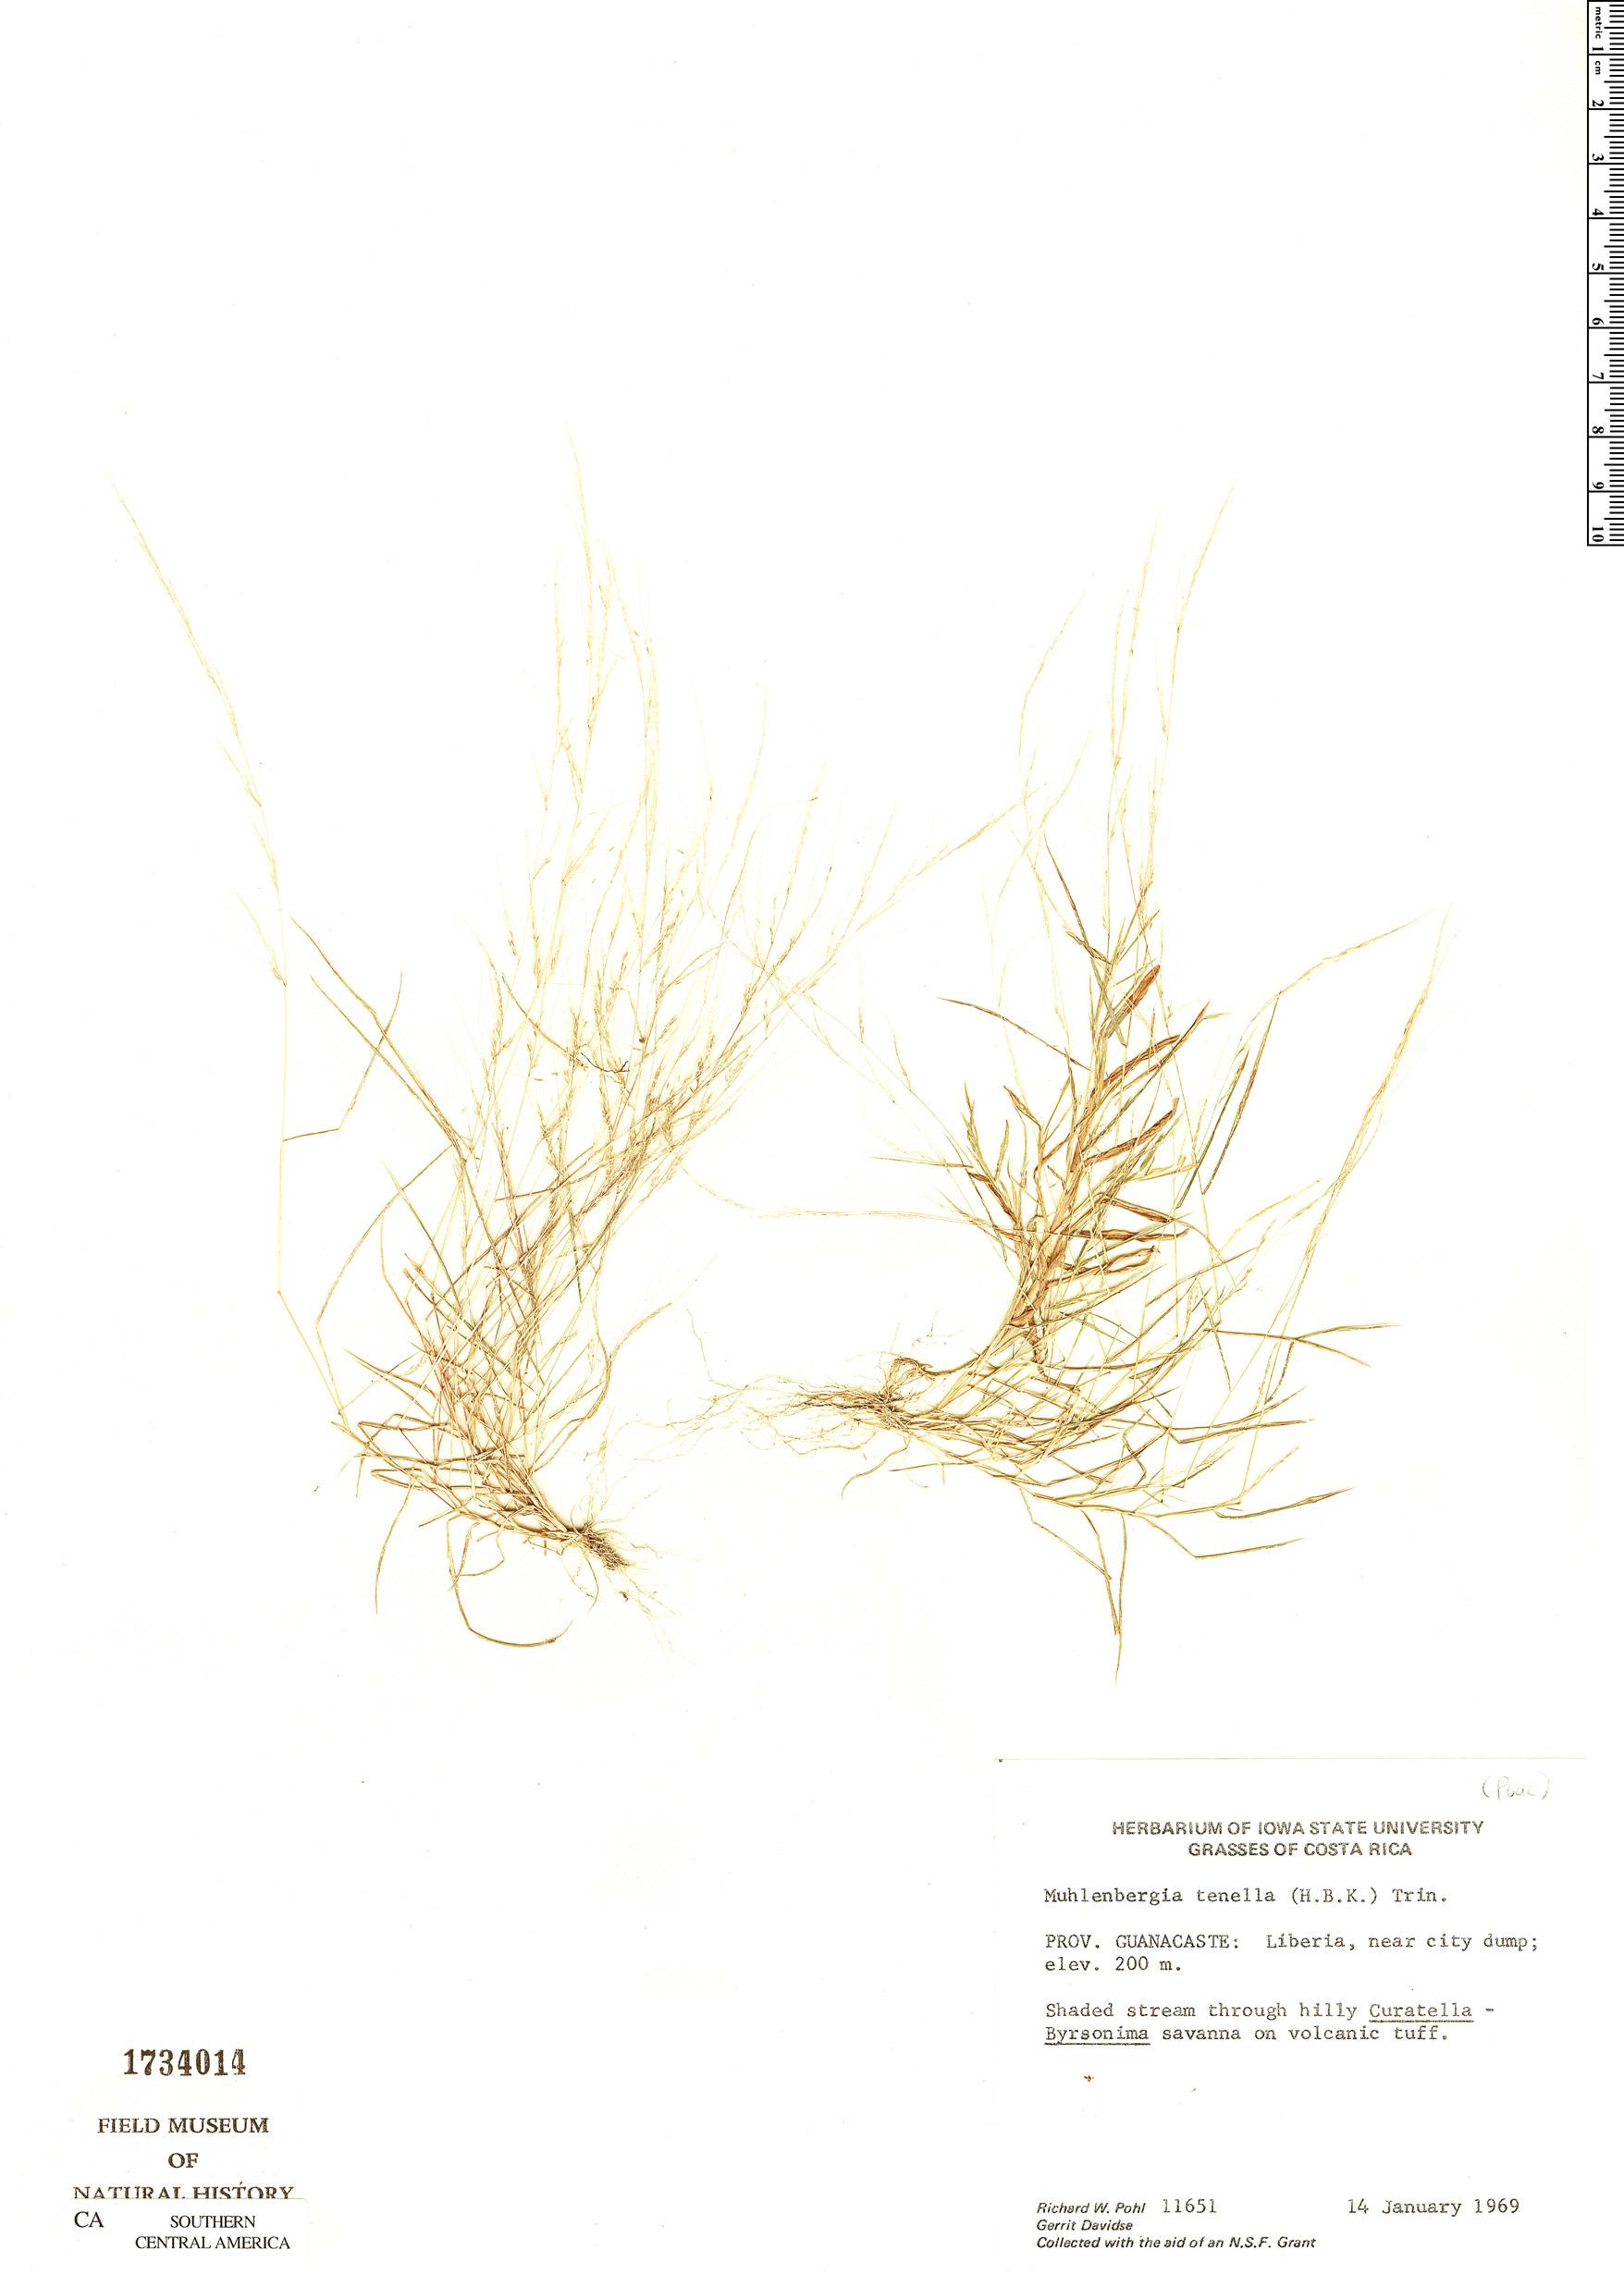 Muhlenbergia tenella image